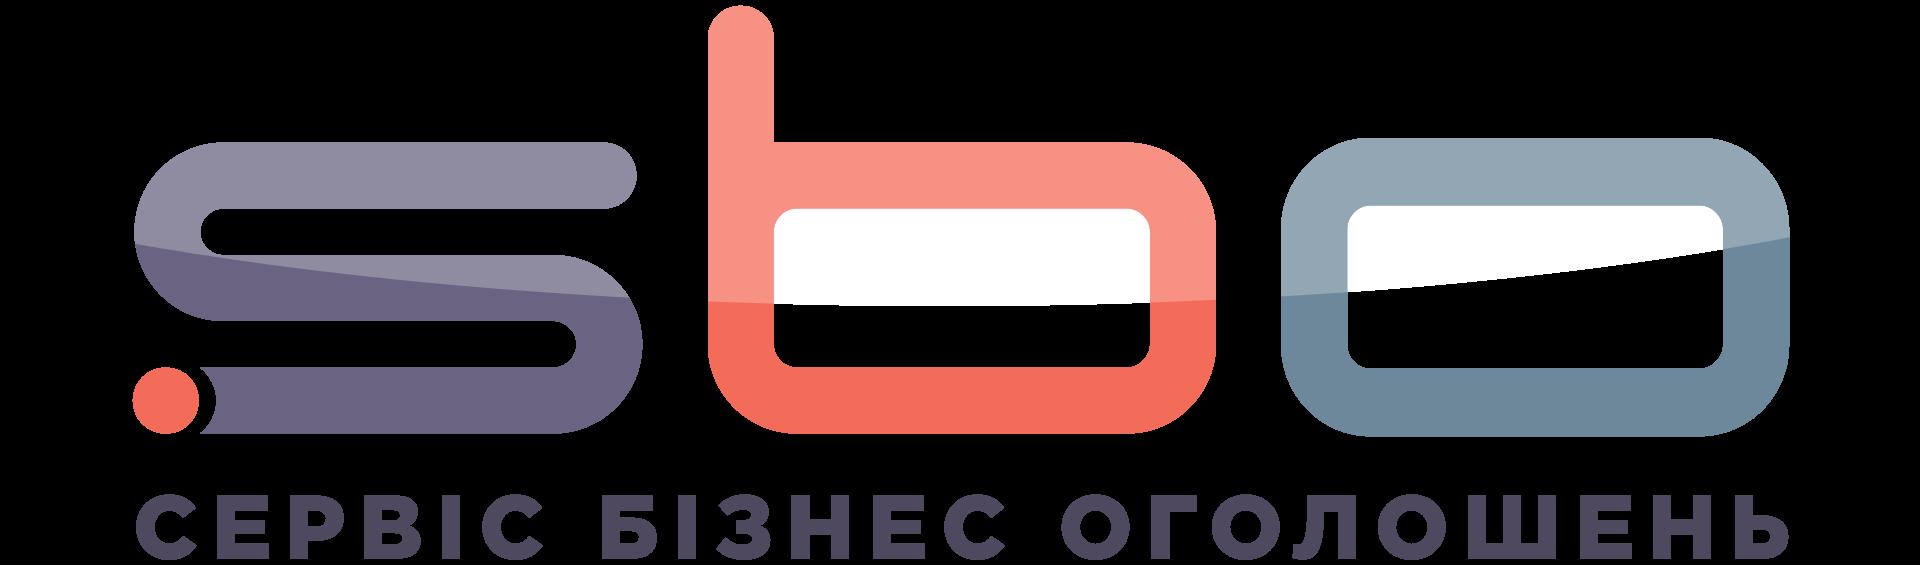 0d38093d8eb70 ᐉ Подать объявление бесплатно: разместить объявления без регистрации в  Украине - Доска объявлений Украины Sbo.ua